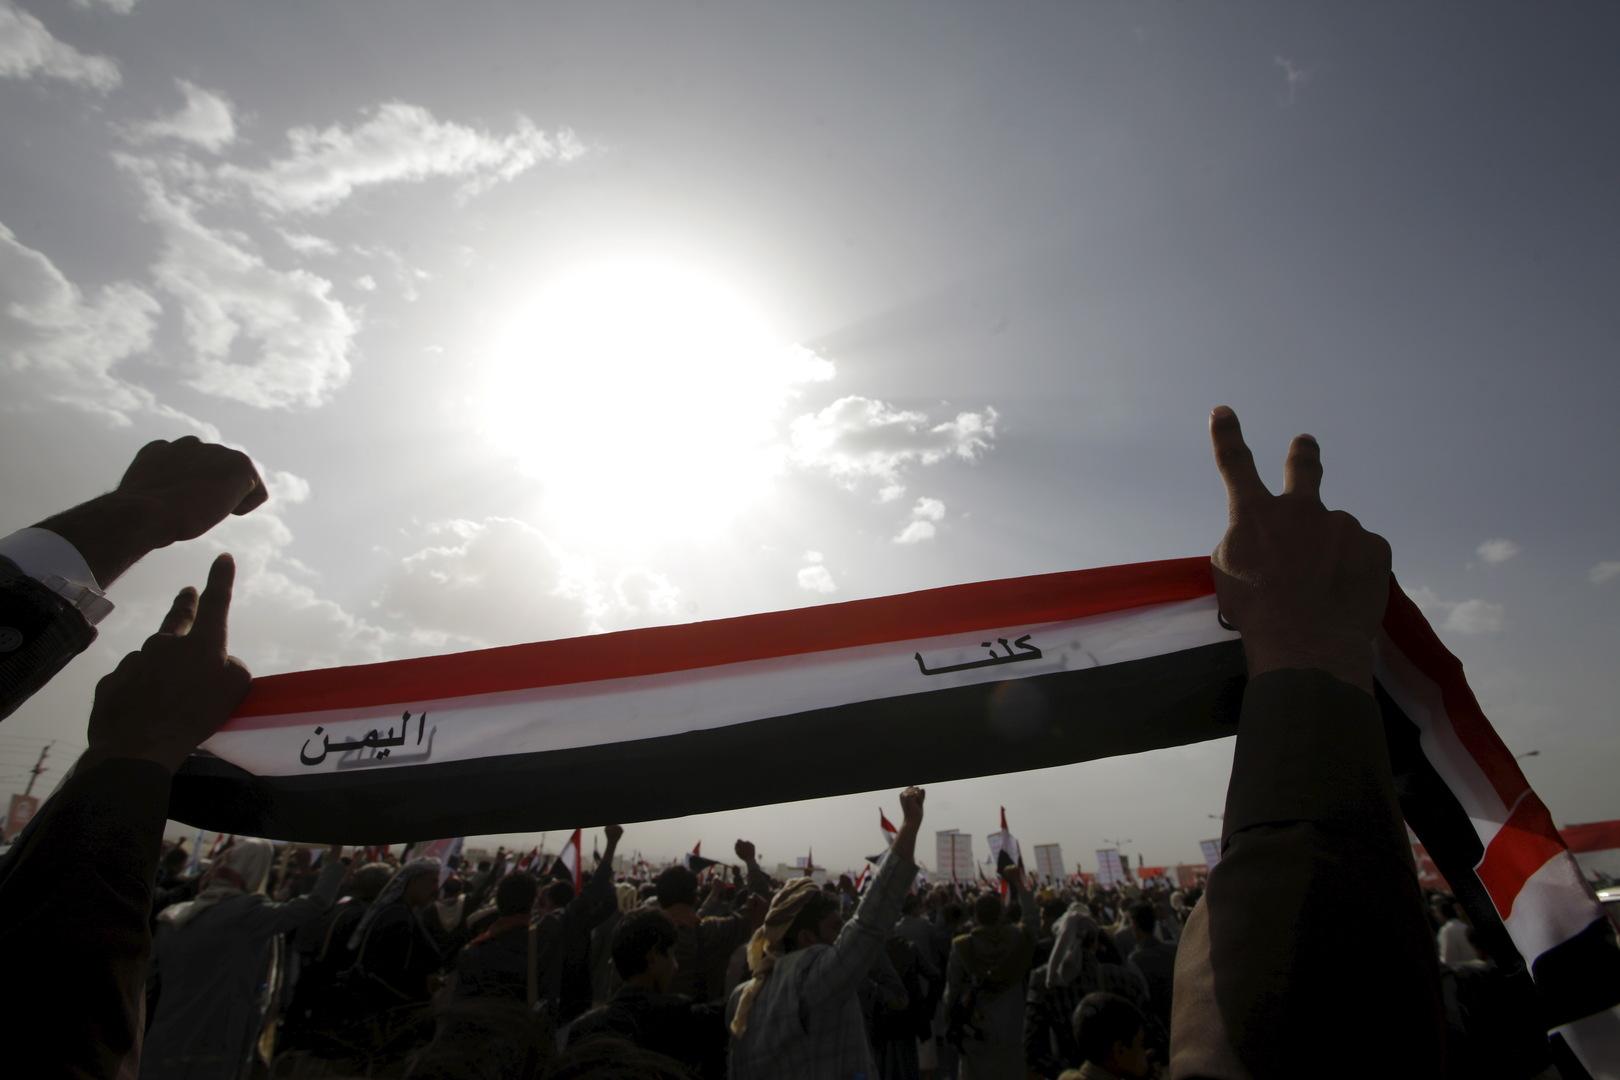 الوفد العماني يغادر صنعاء والحوثيون يتحدثون عن